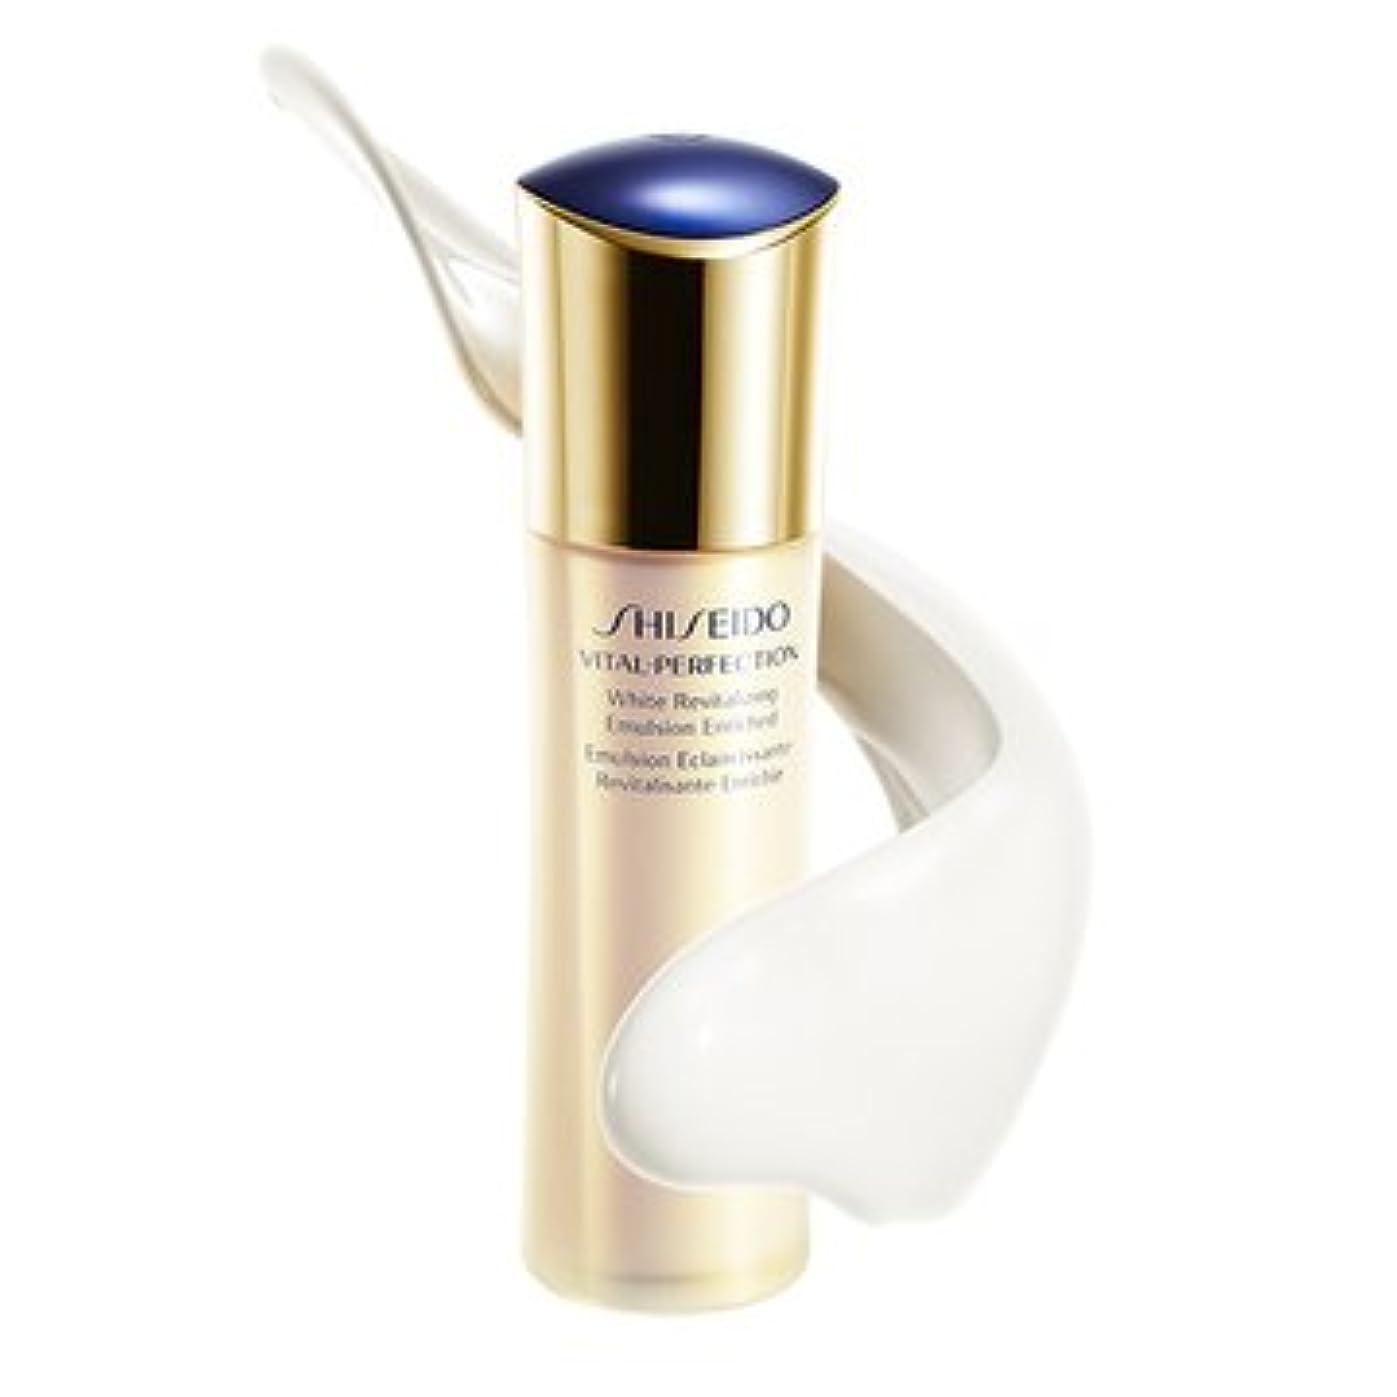 休憩する海里試す資生堂/shiseido バイタルパーフェクション/VITAL-PERFECTION ホワイトRV エマルジョン(医薬部外品)美白乳液